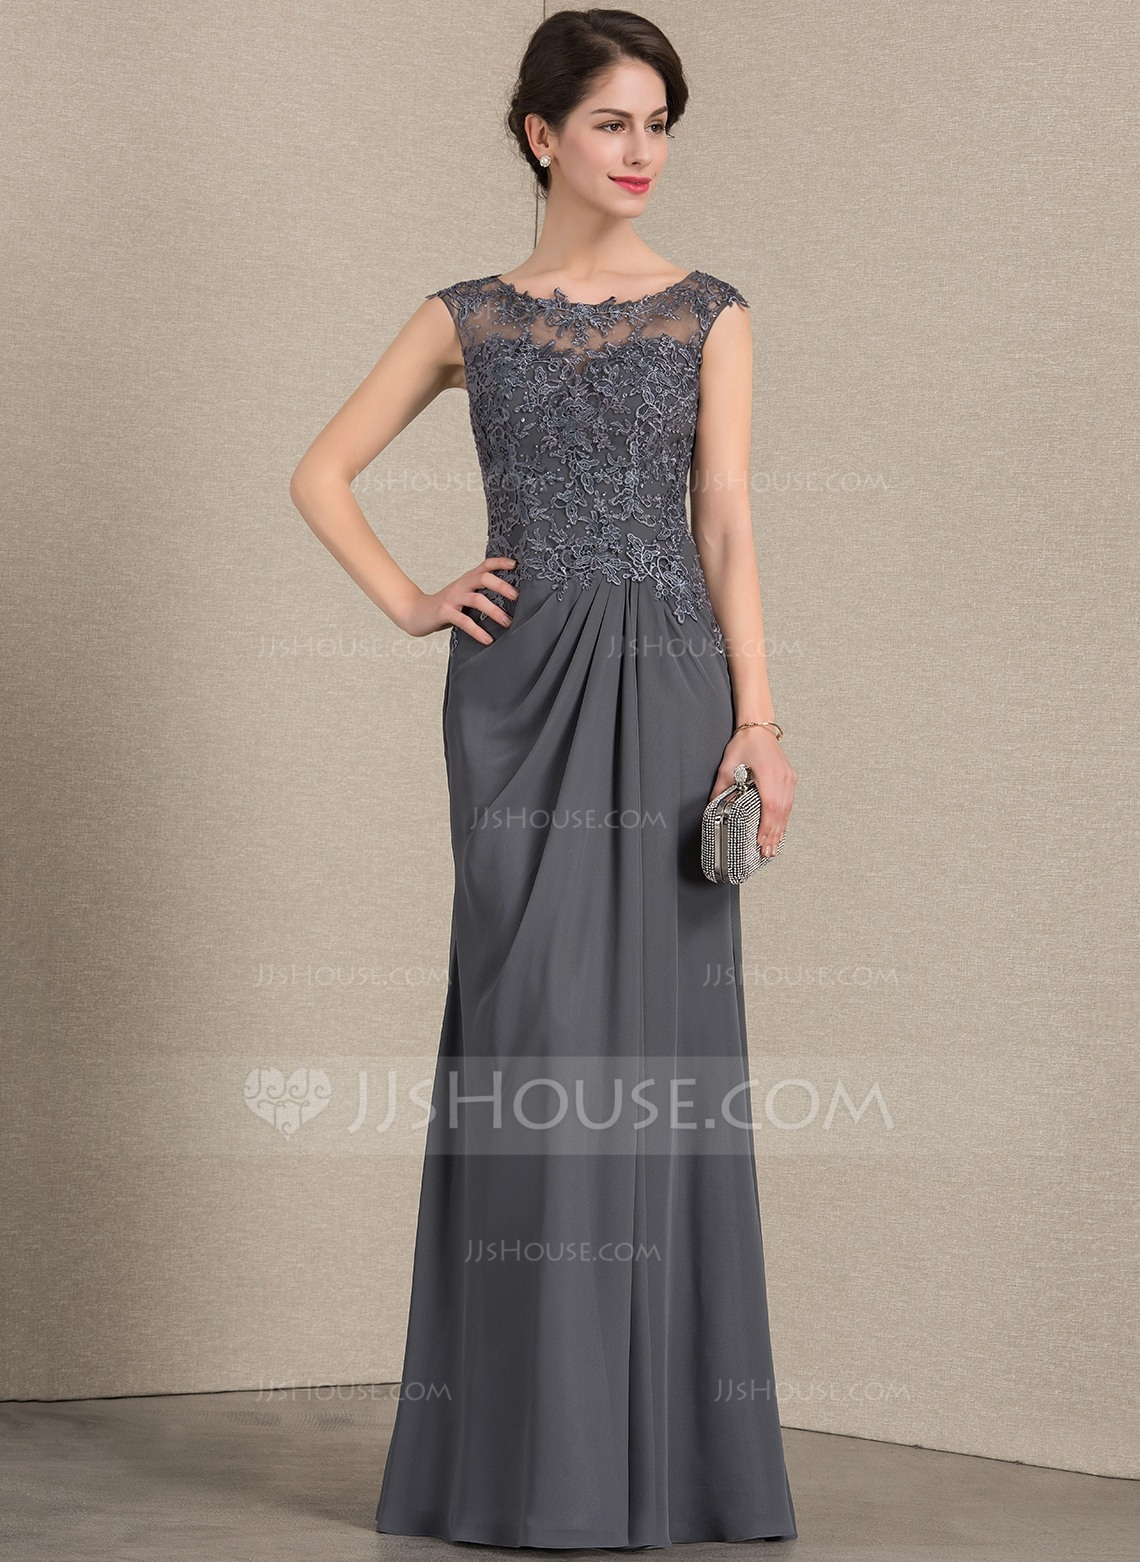 20 Luxurius Kleider Für Die Brautmutter Ab 50 Ärmel17 Leicht Kleider Für Die Brautmutter Ab 50 für 2019